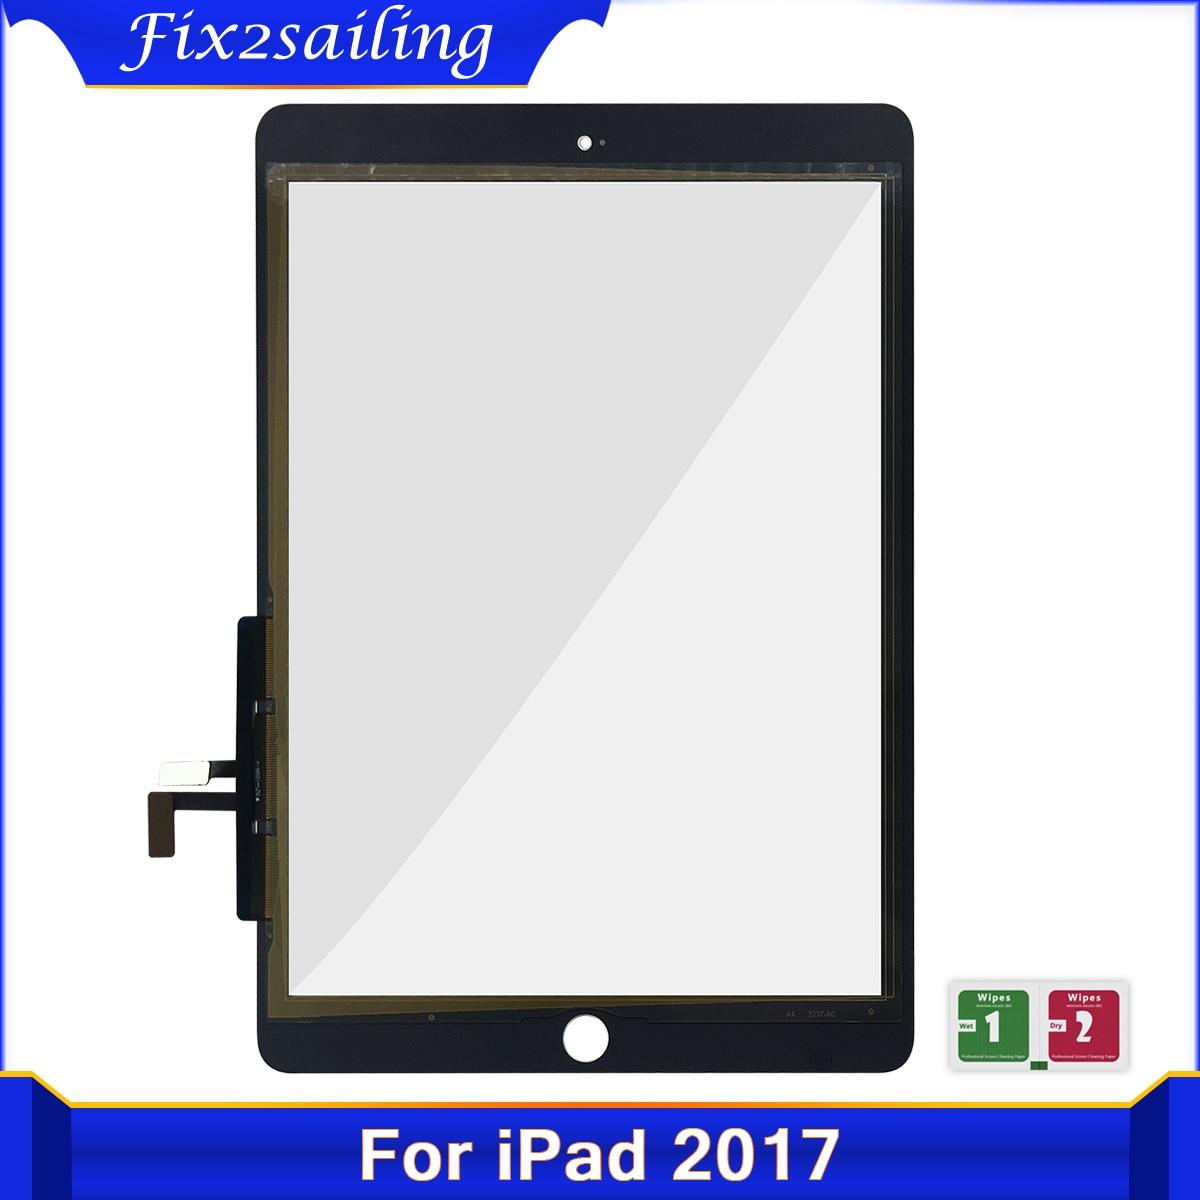 Сенсорный экран для iPad 2017, дигитайзер для iPad 5, iPad 9,7, 2017, A1822, A1823, стеклянная сенсорная панель, Сменный датчик 9,7 дюйма